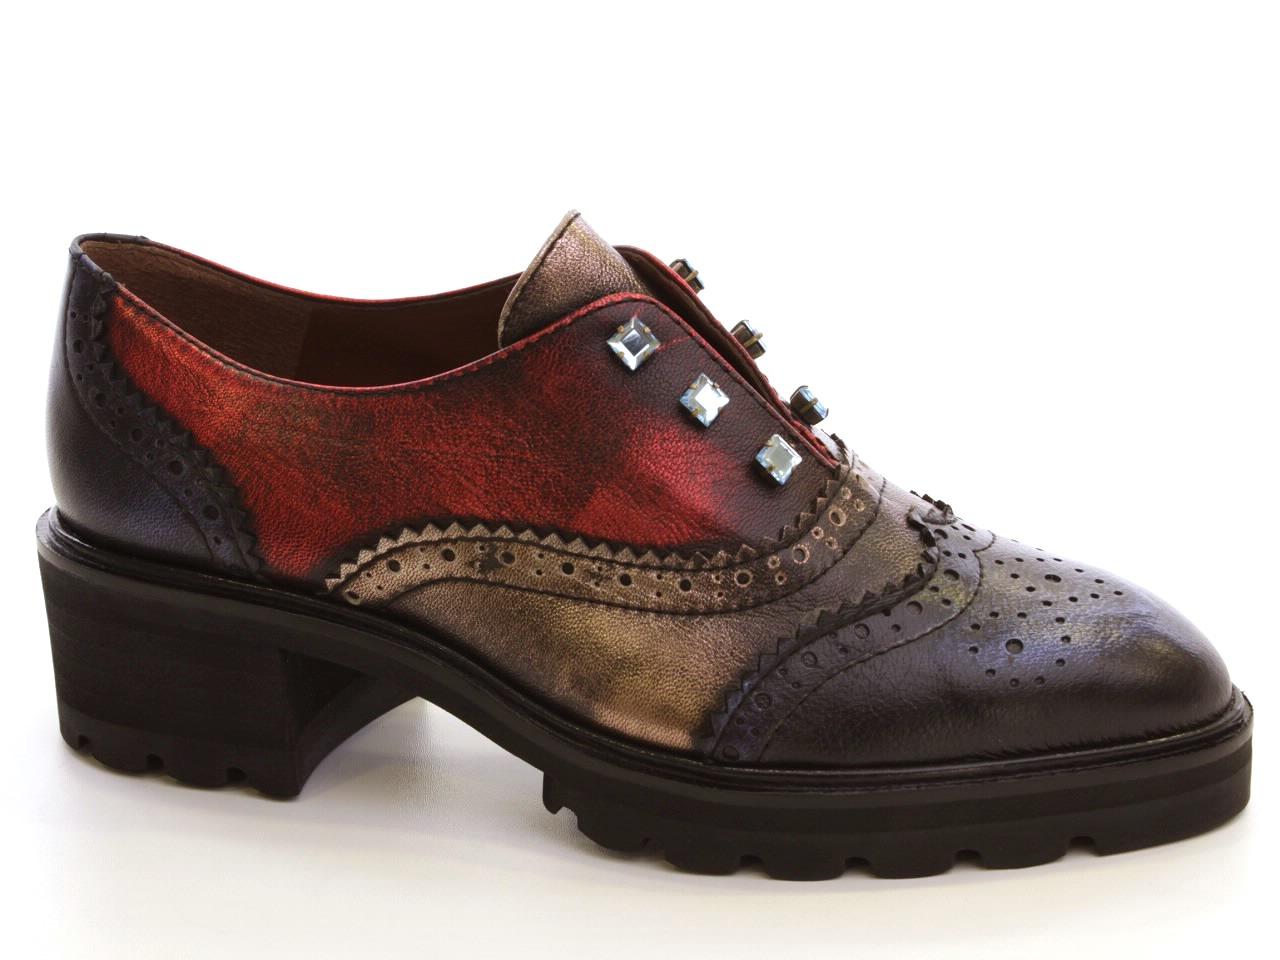 Sapatos Baixos, Sabrinas, Mocassins Helsar - 032 5975